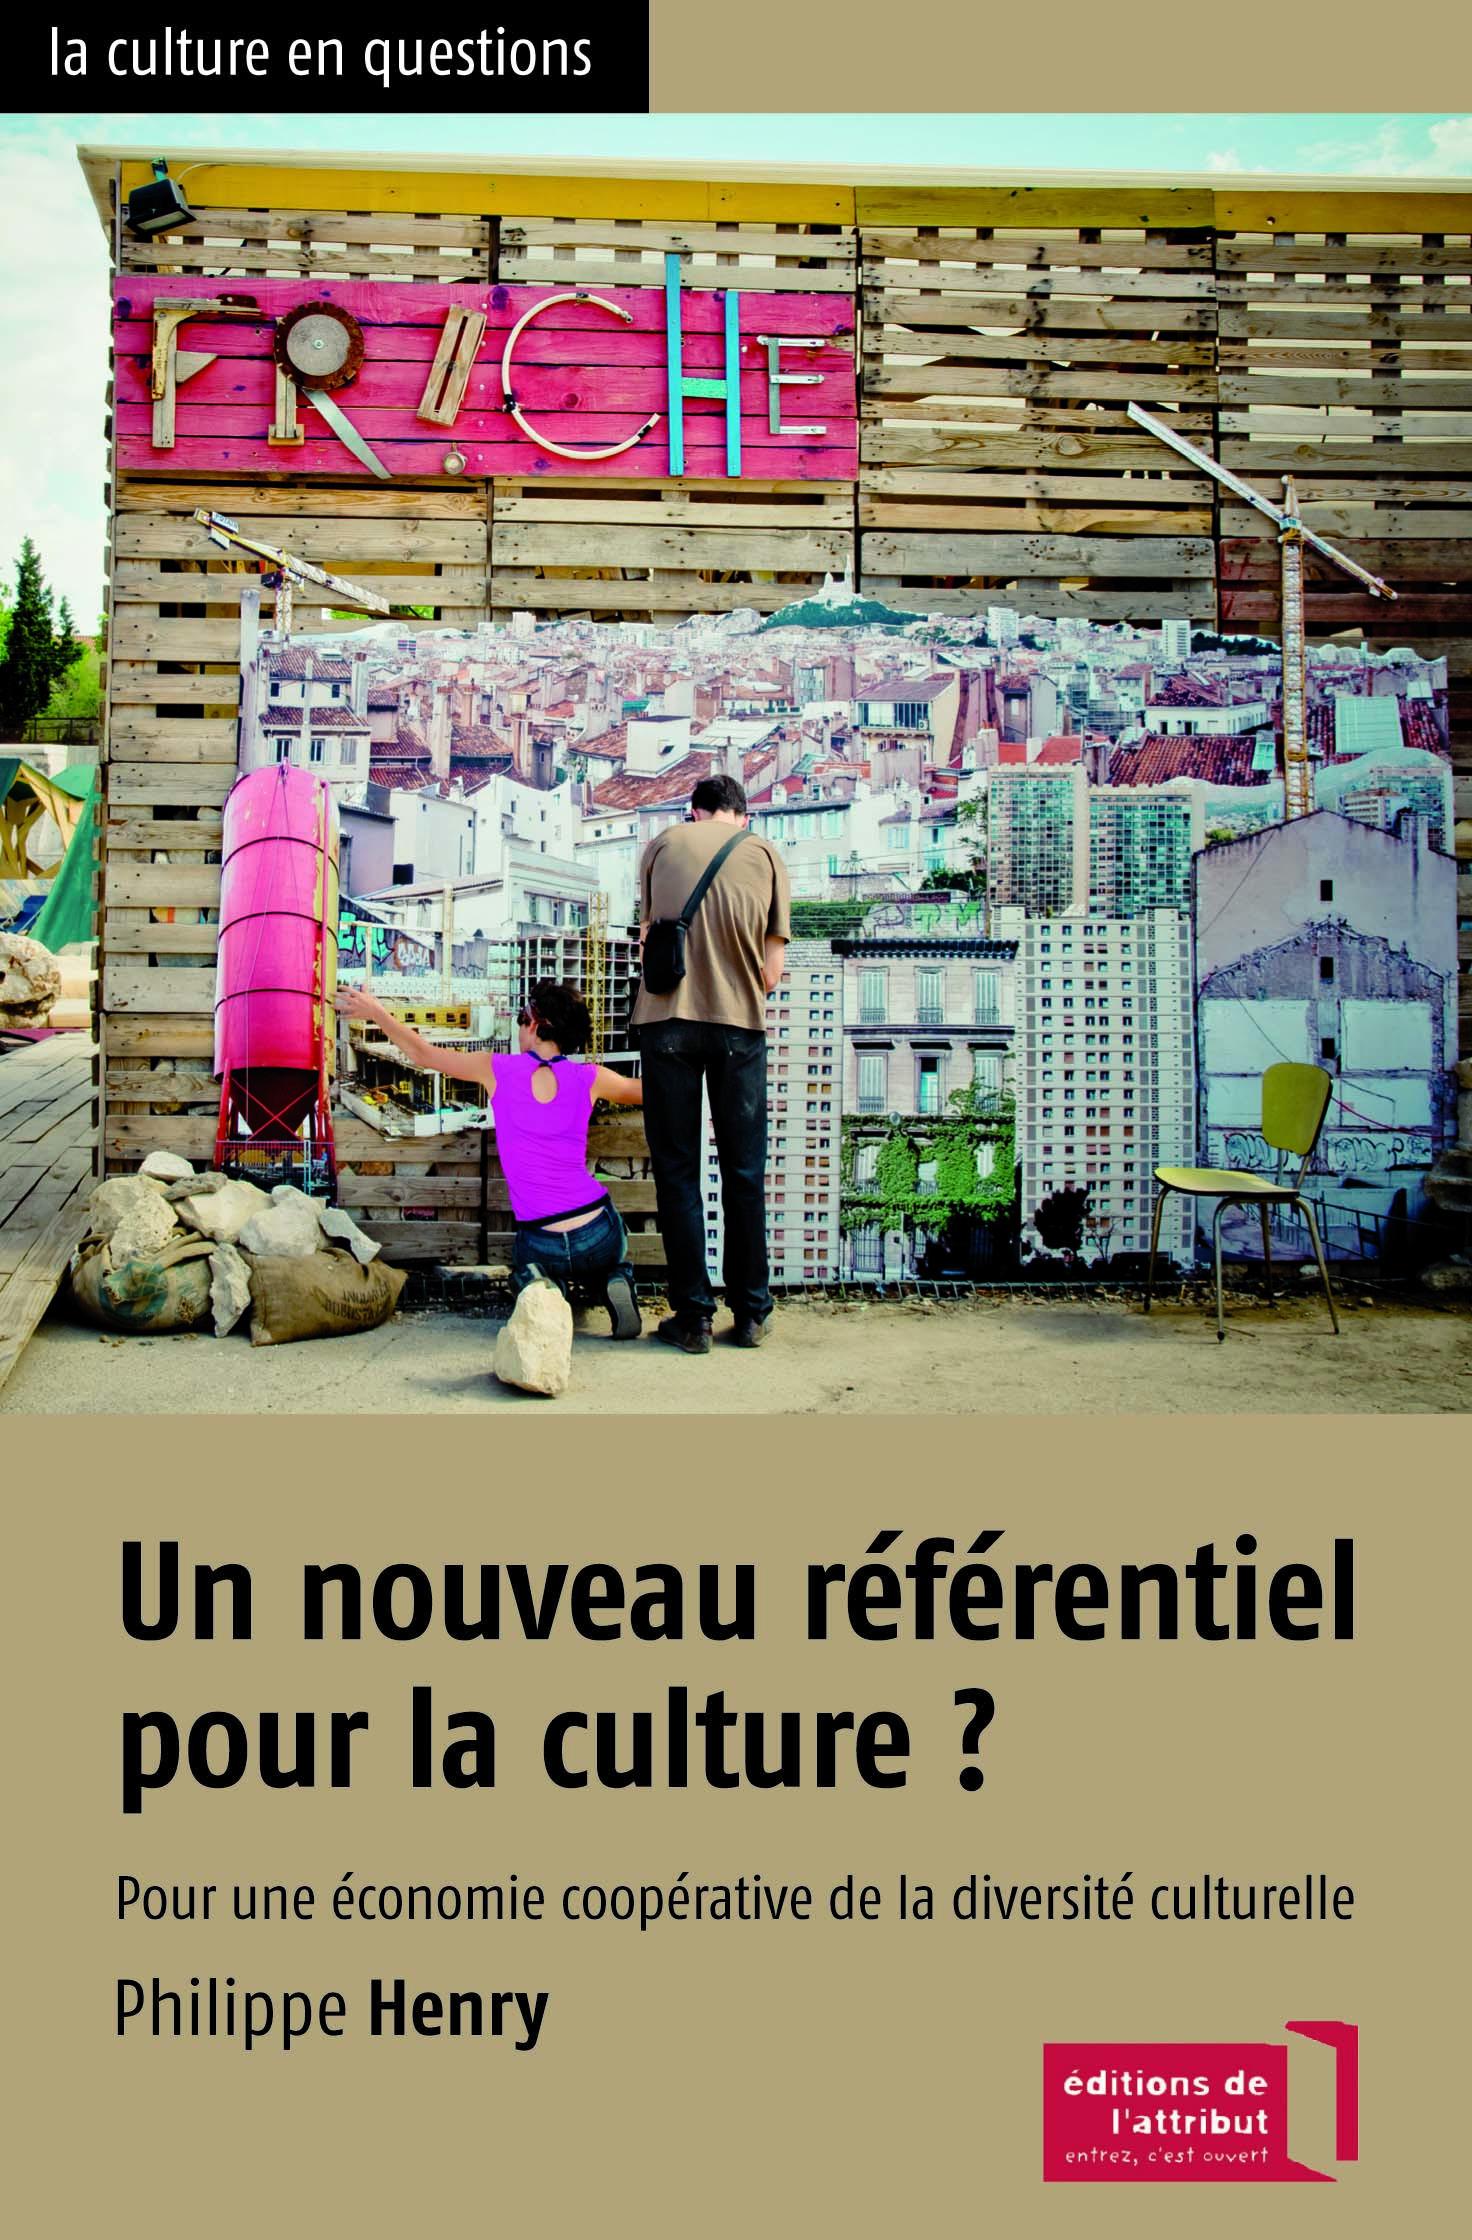 Un nouveau referentiel pour la culture